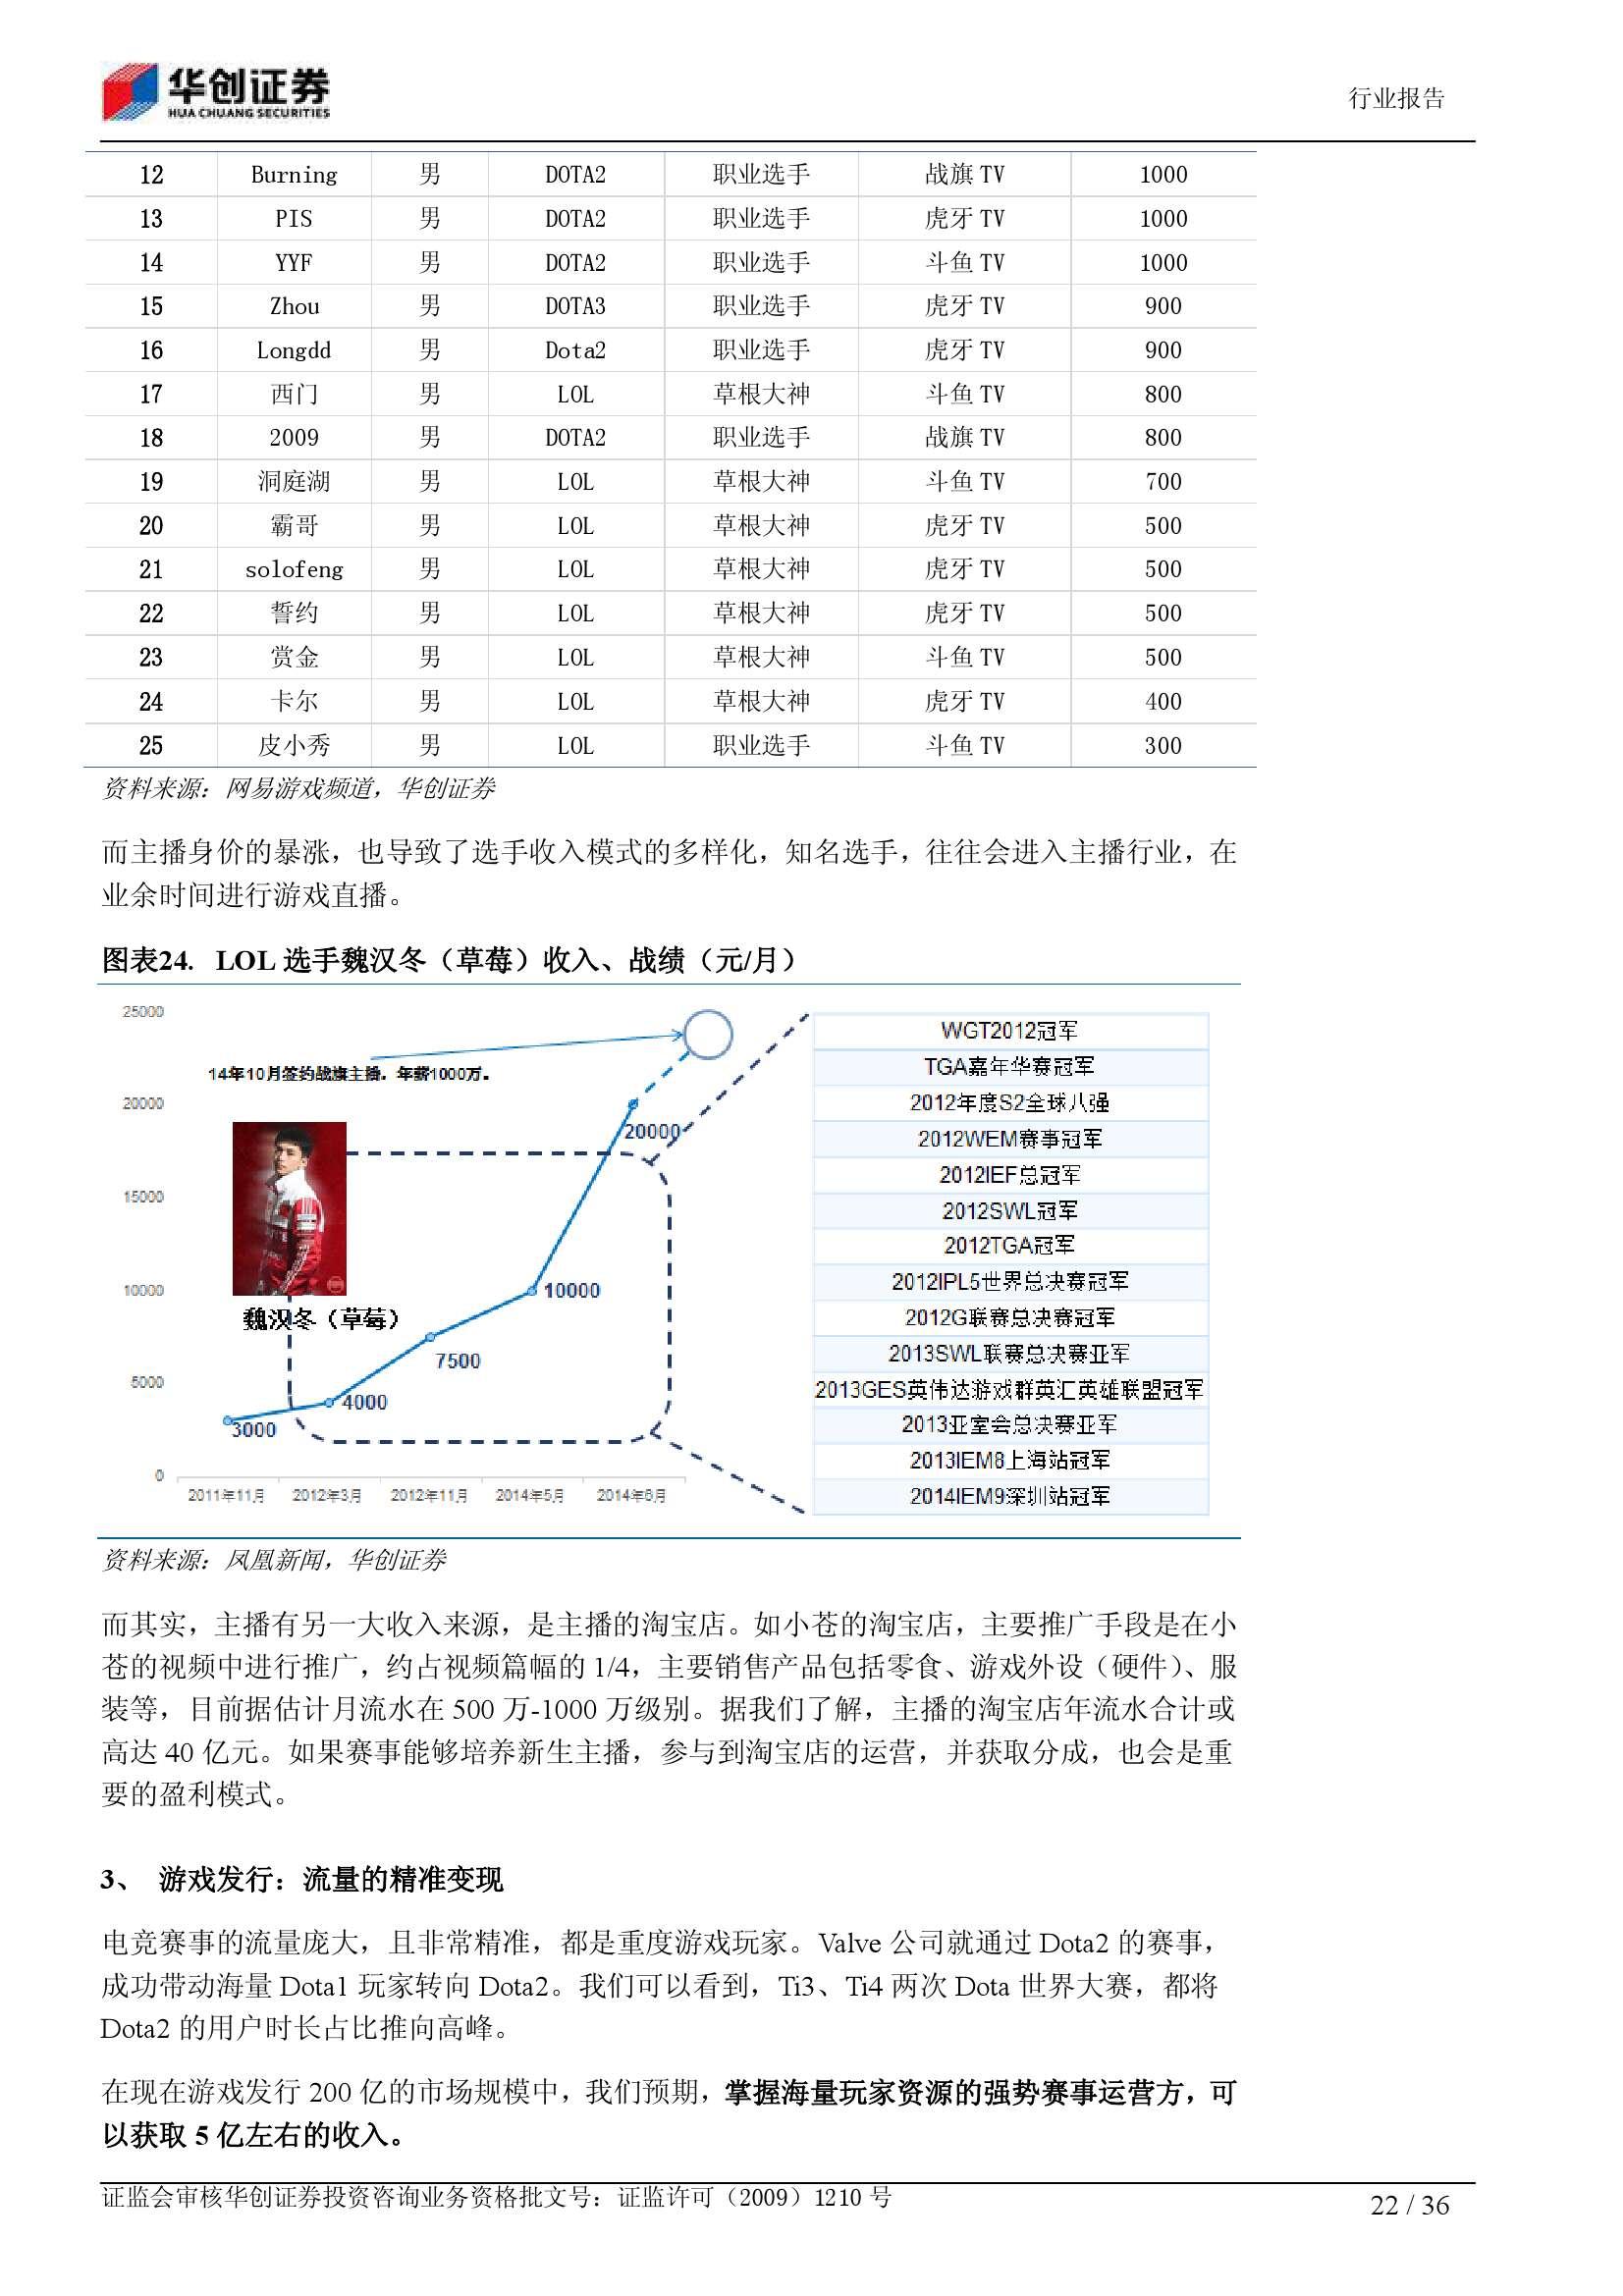 电子竞技深度报告:从小众娱乐 到千亿产业_000022